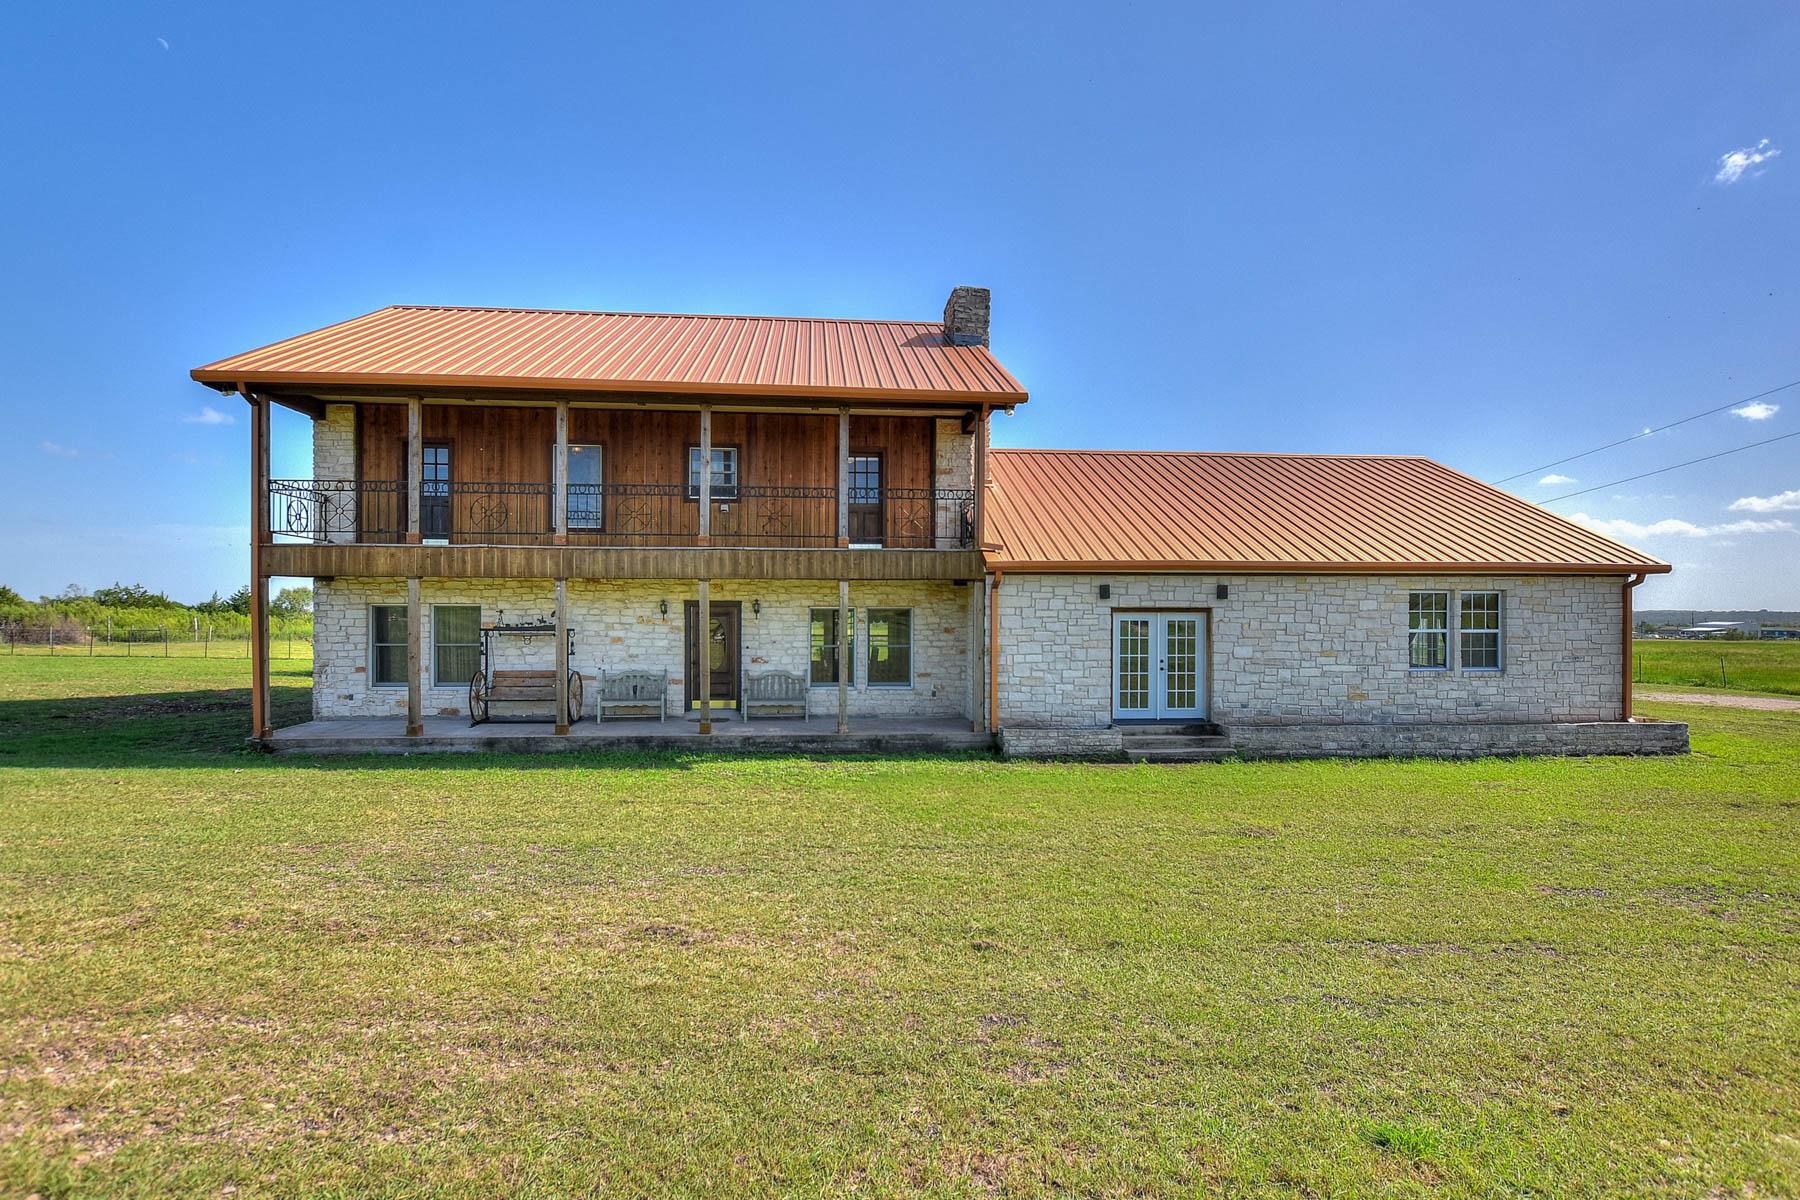 Casa Unifamiliar por un Venta en Fantastic Opportunity in Kyle 2553 Rocky Rd Kyle, Texas 78640 Estados Unidos